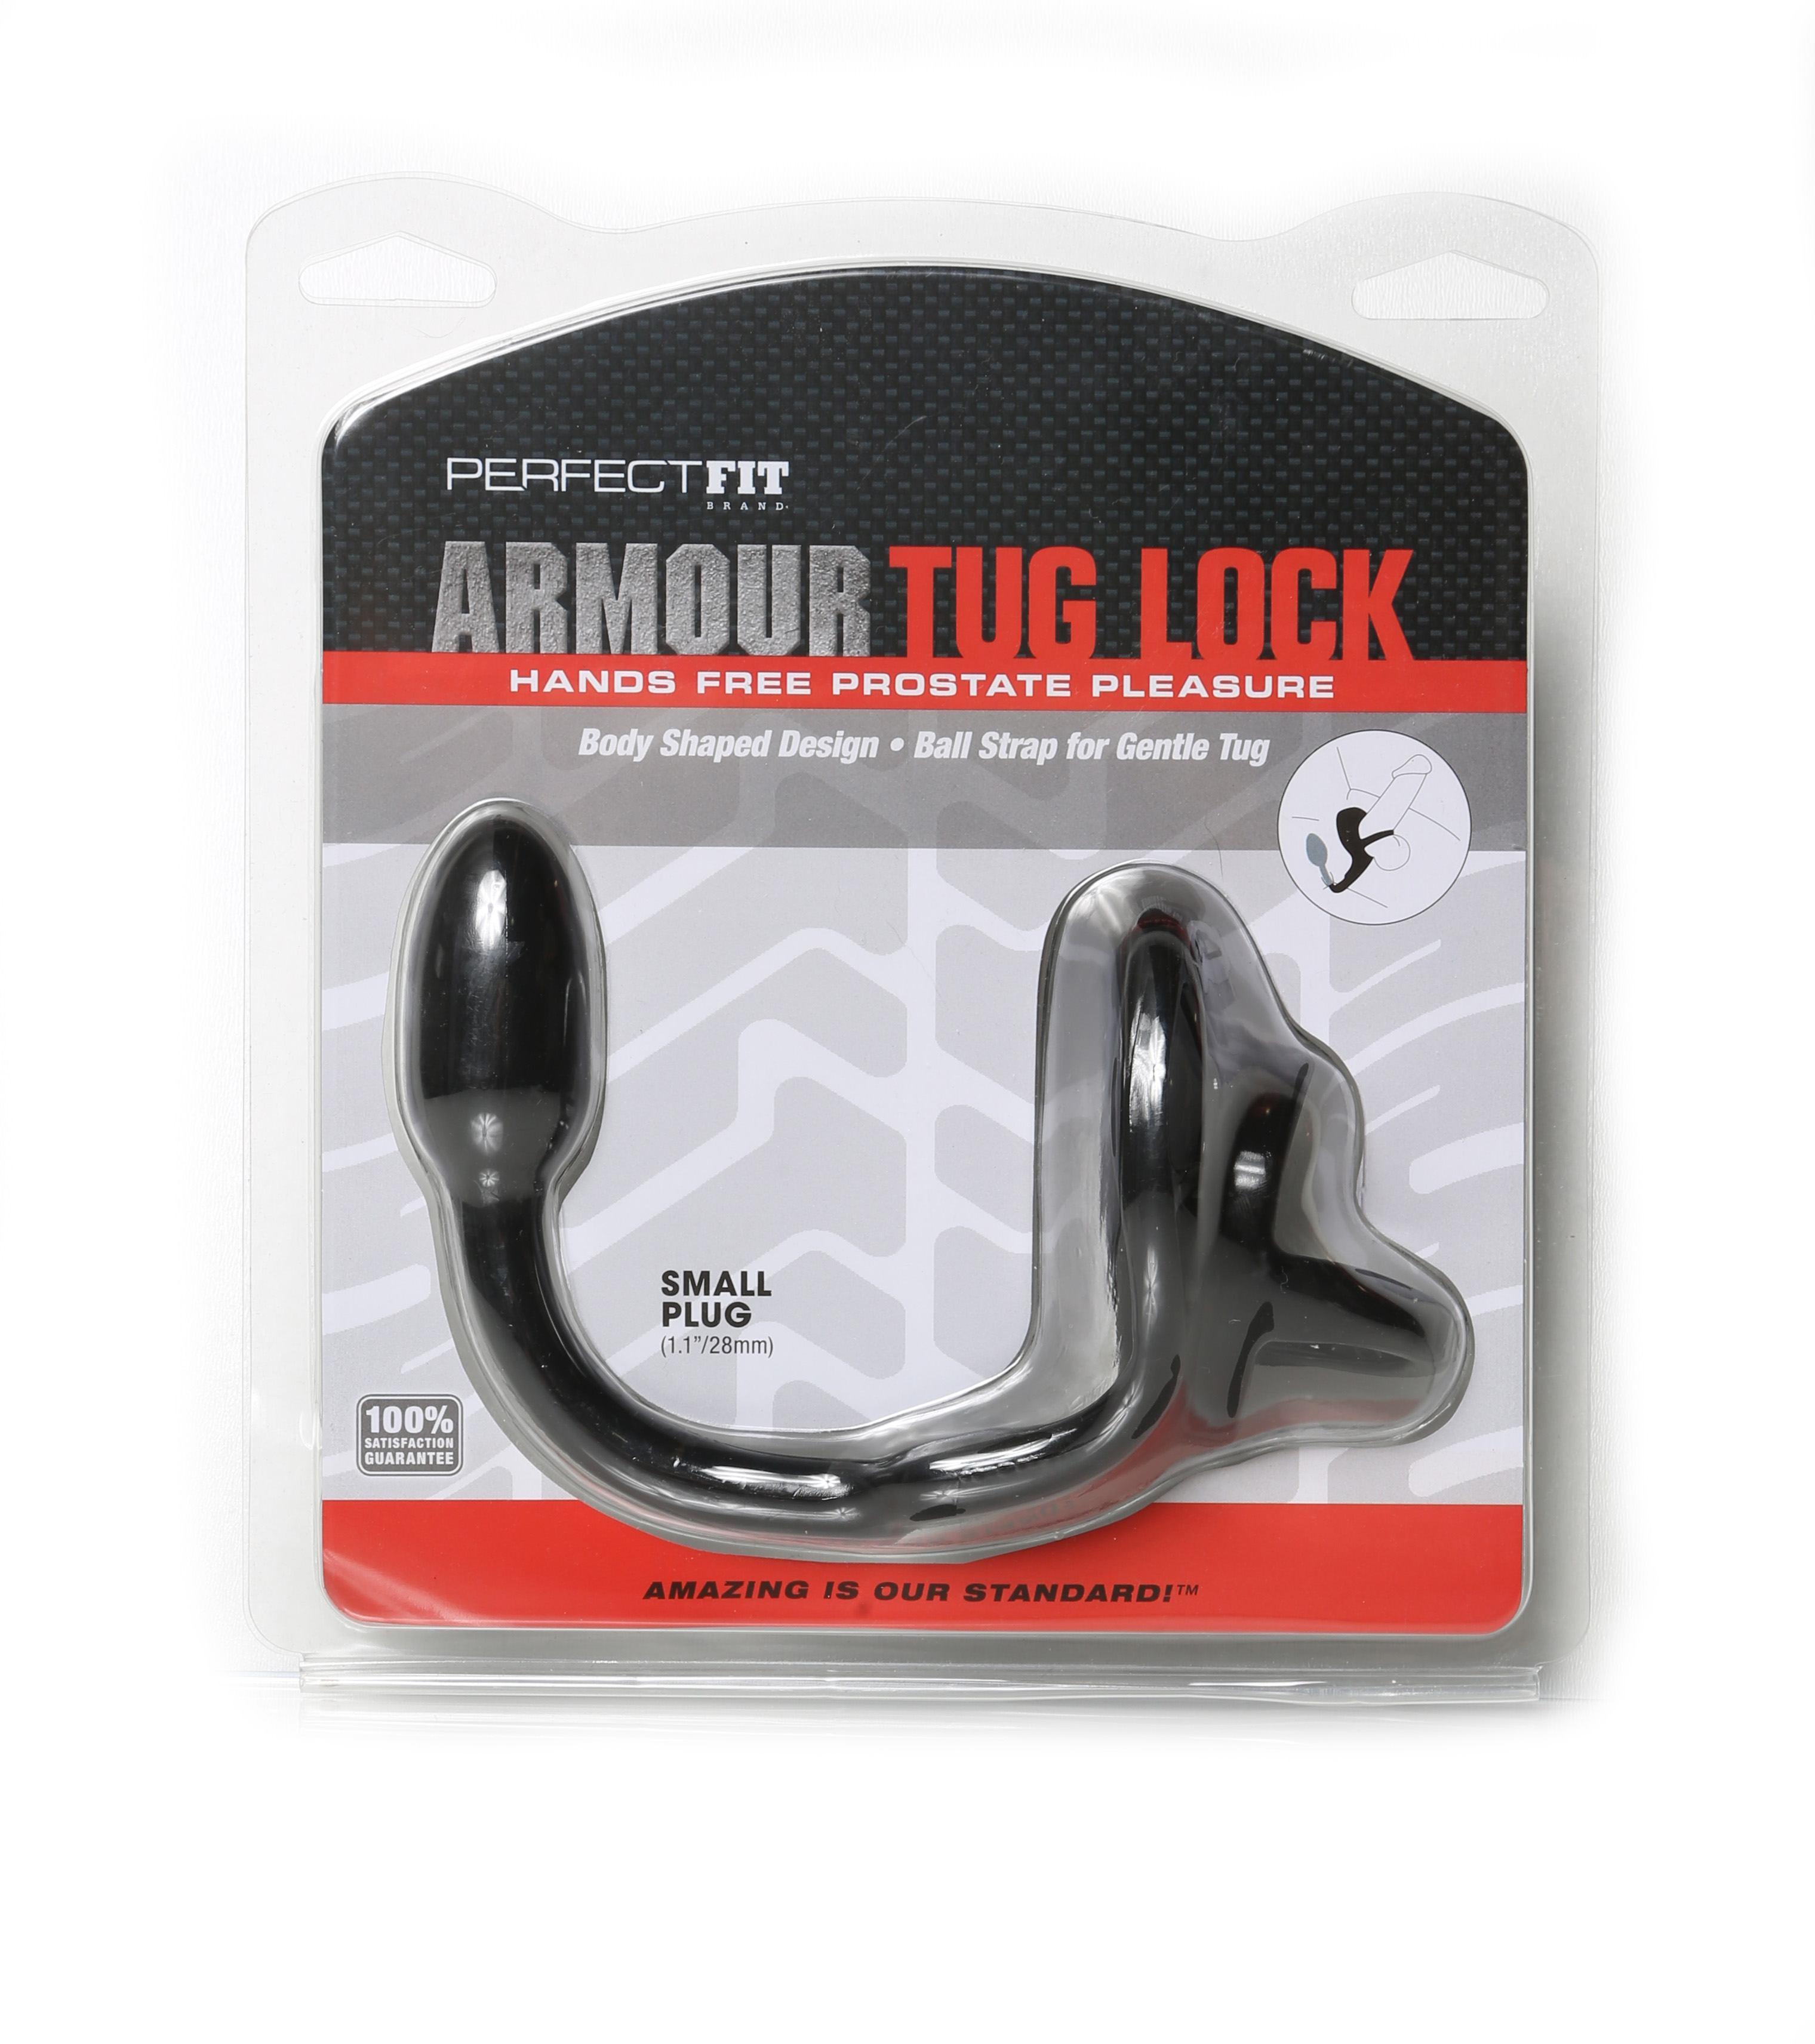 Armour Tug Lock Small